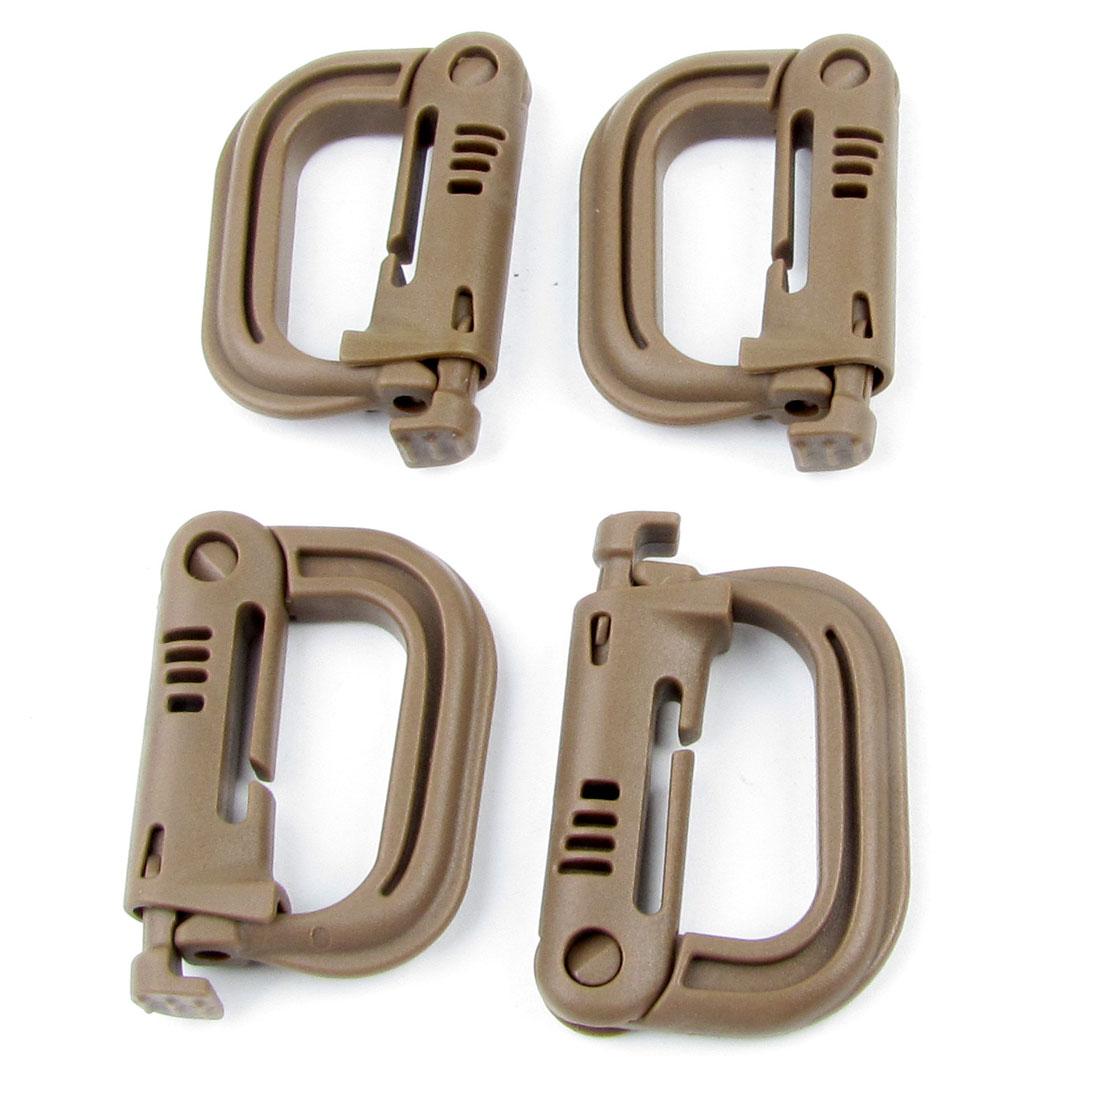 Repair Parts Brown Plastic D Ring Buckle for Backpack Bag 4 Pcs